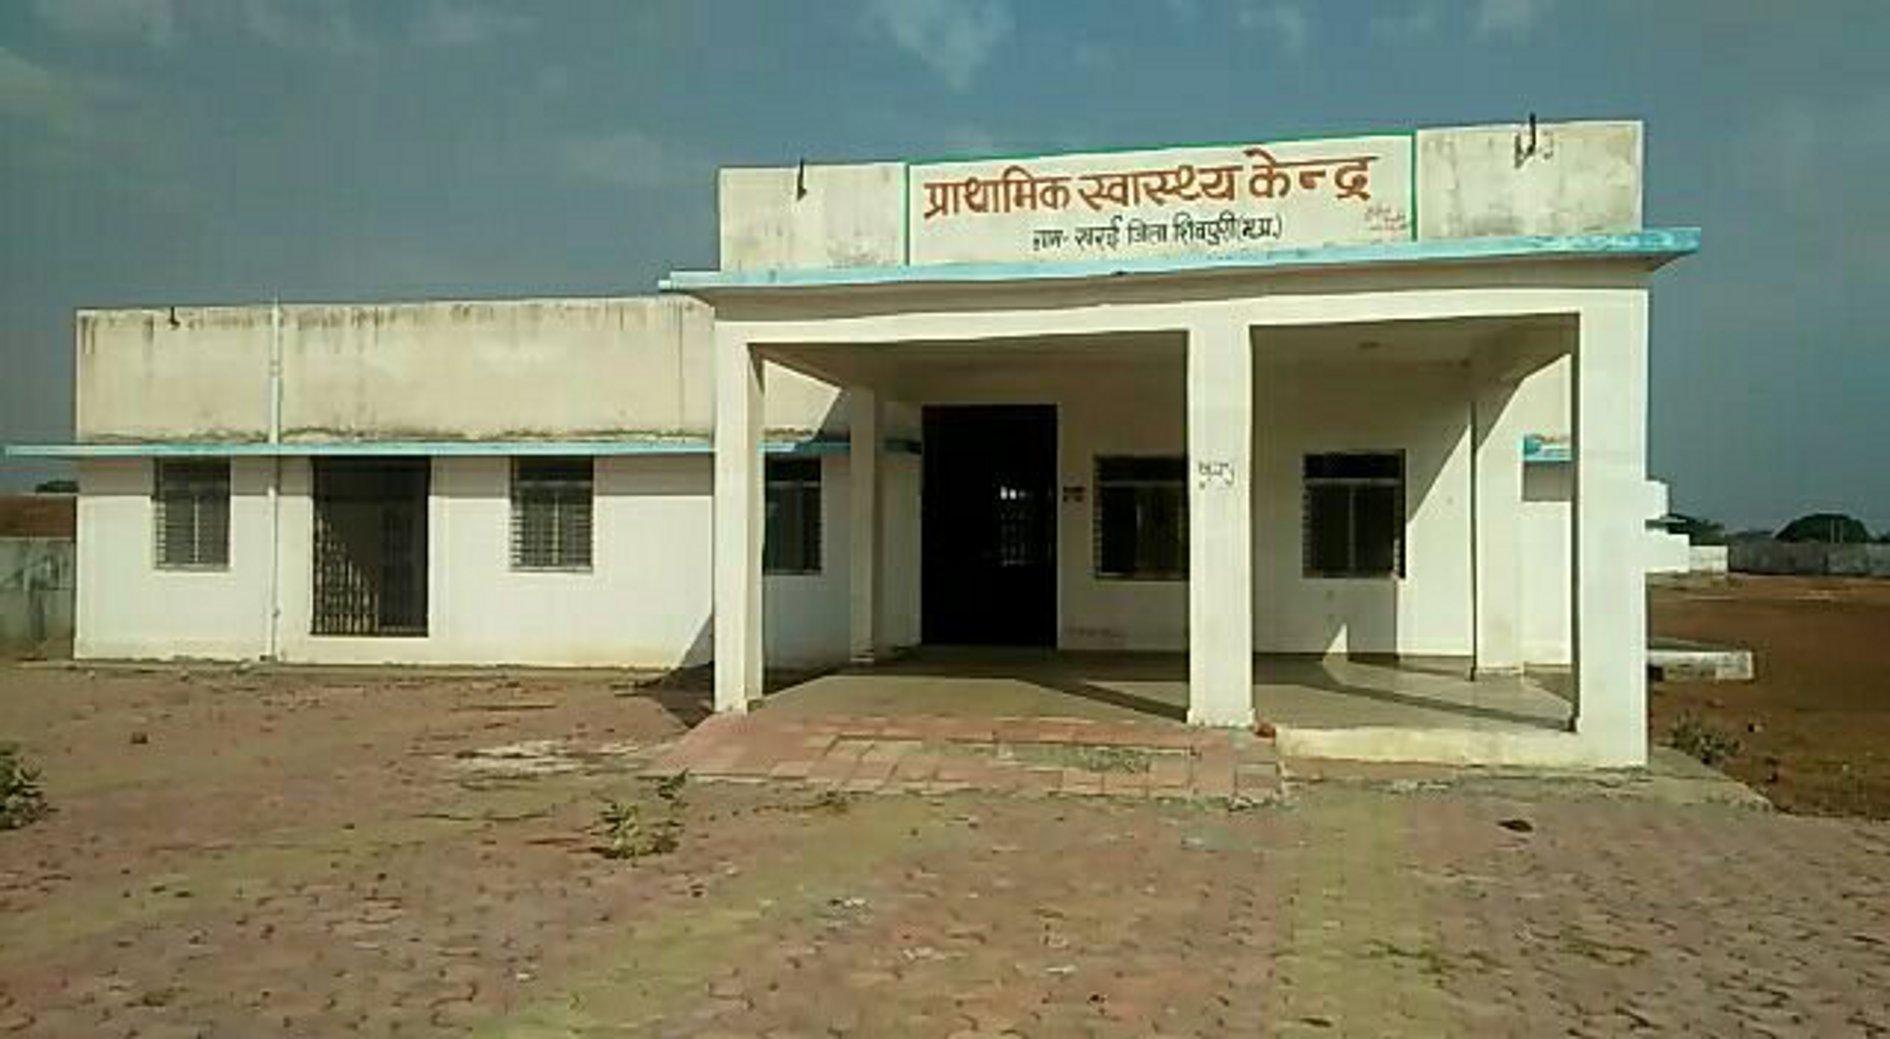 खरई प्राथमिक स्वास्थ्य केंद्र पर लटके ताले, ग्रामीण परेशान